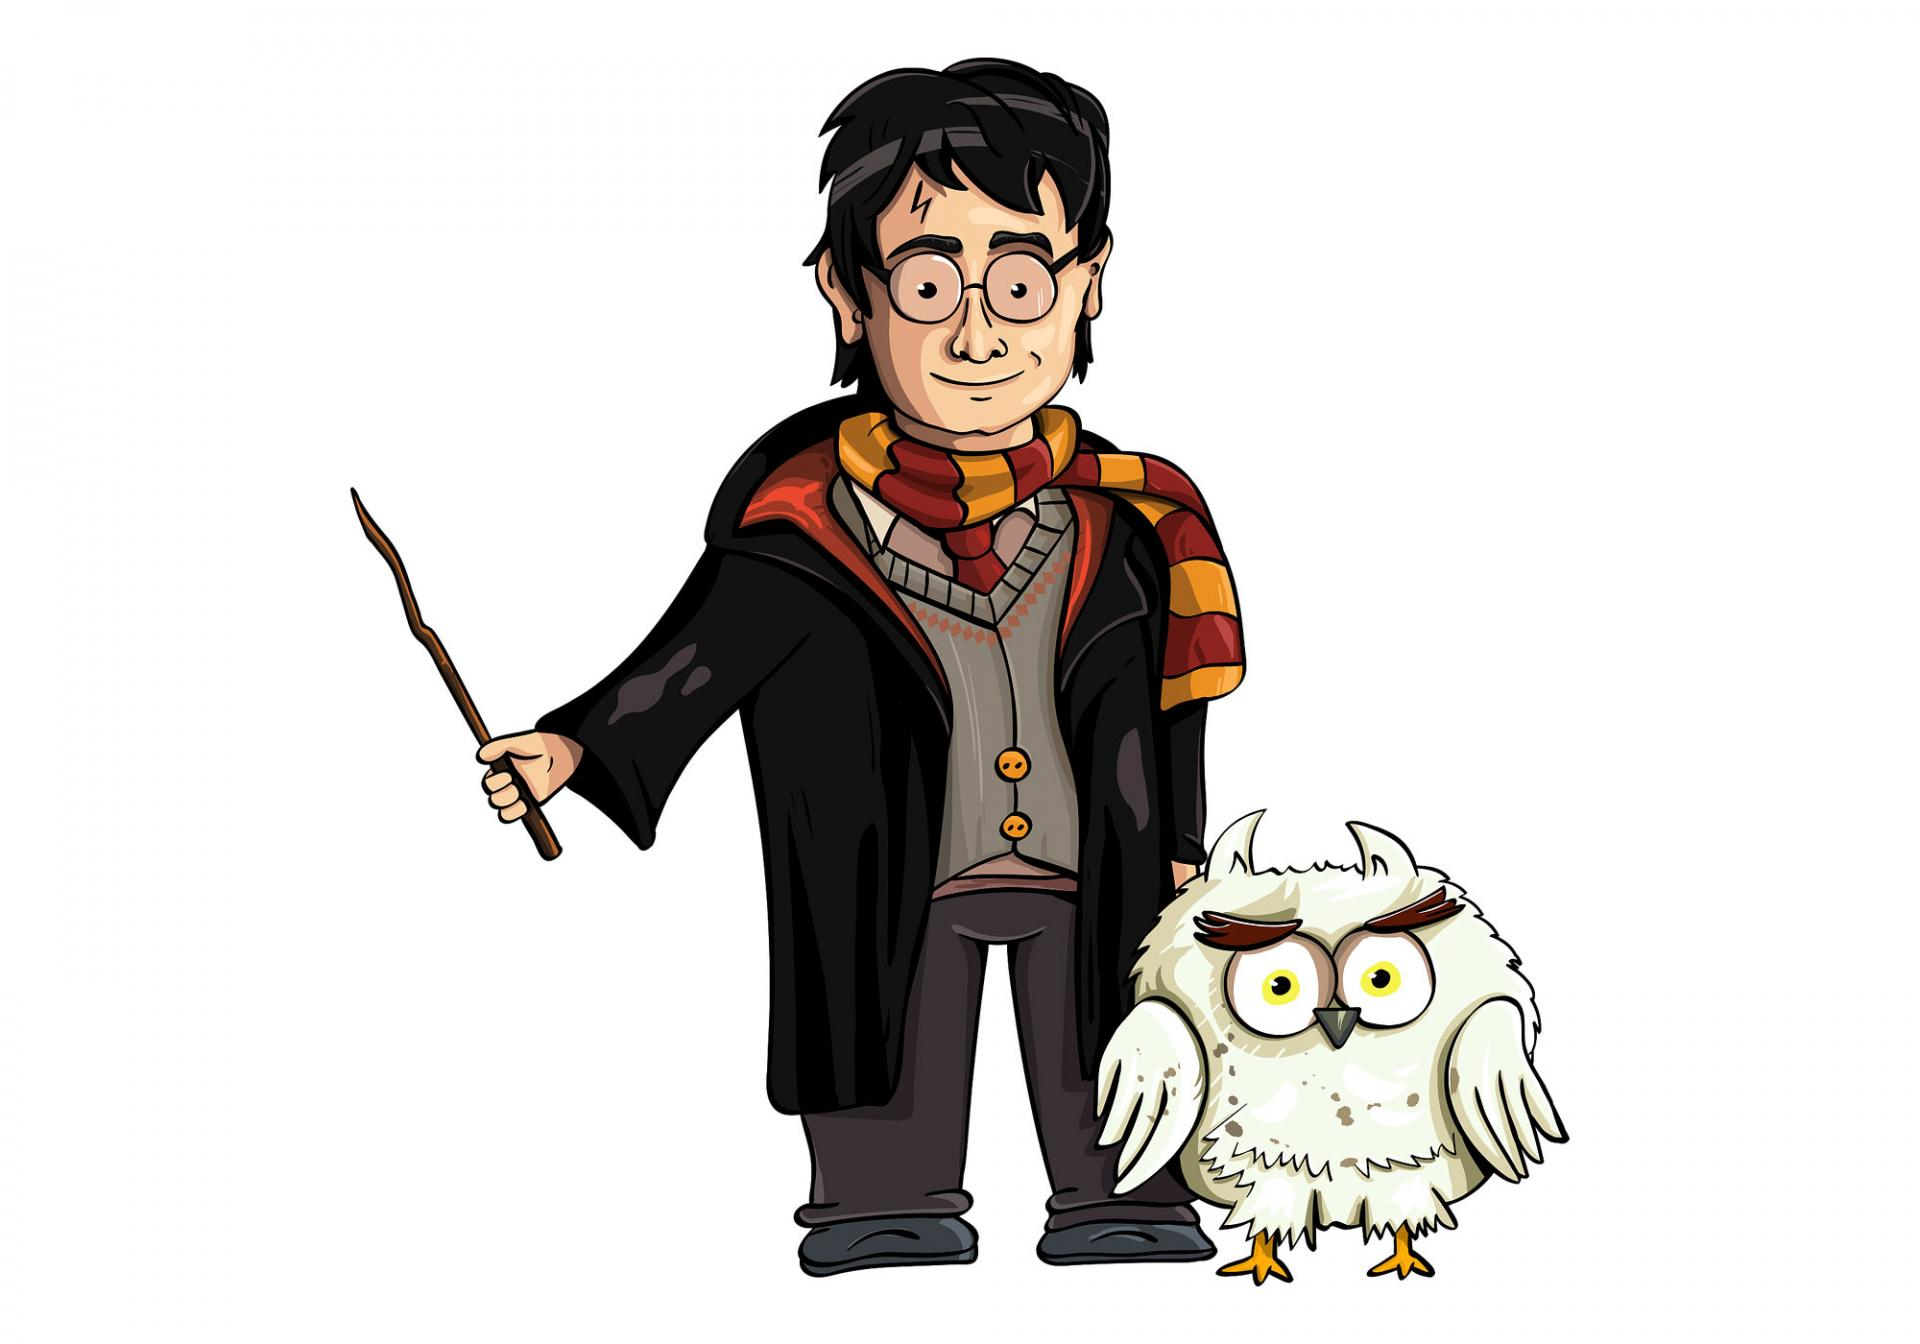 История оГарри Поттере неокончена? Неужели будет продолжение?